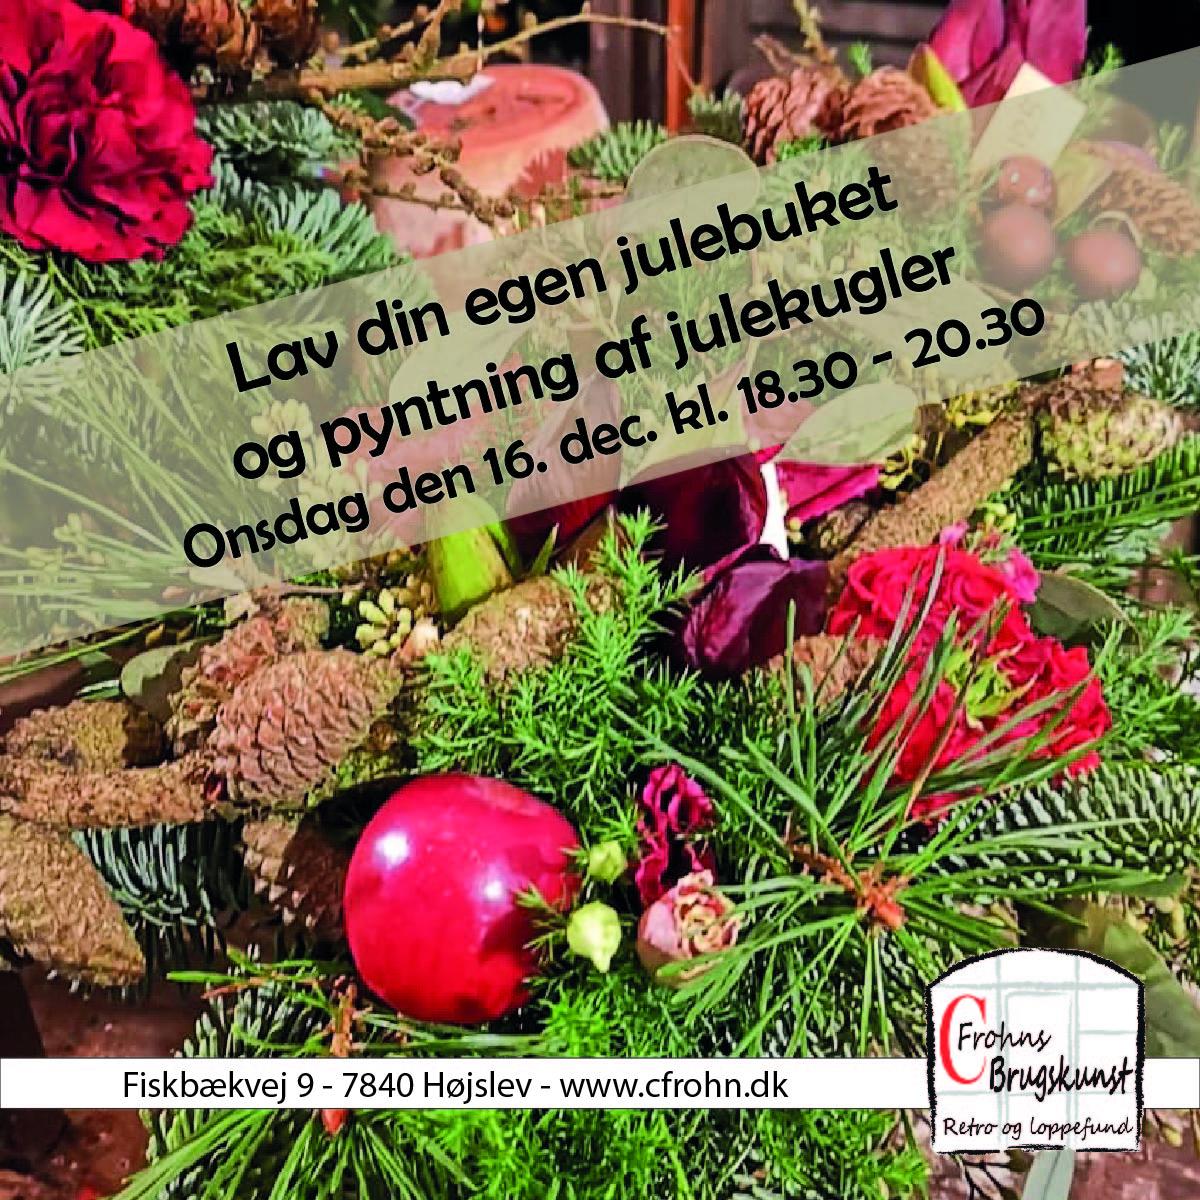 Kursus i julebuket og oppyntning af julekugle, 16. dec